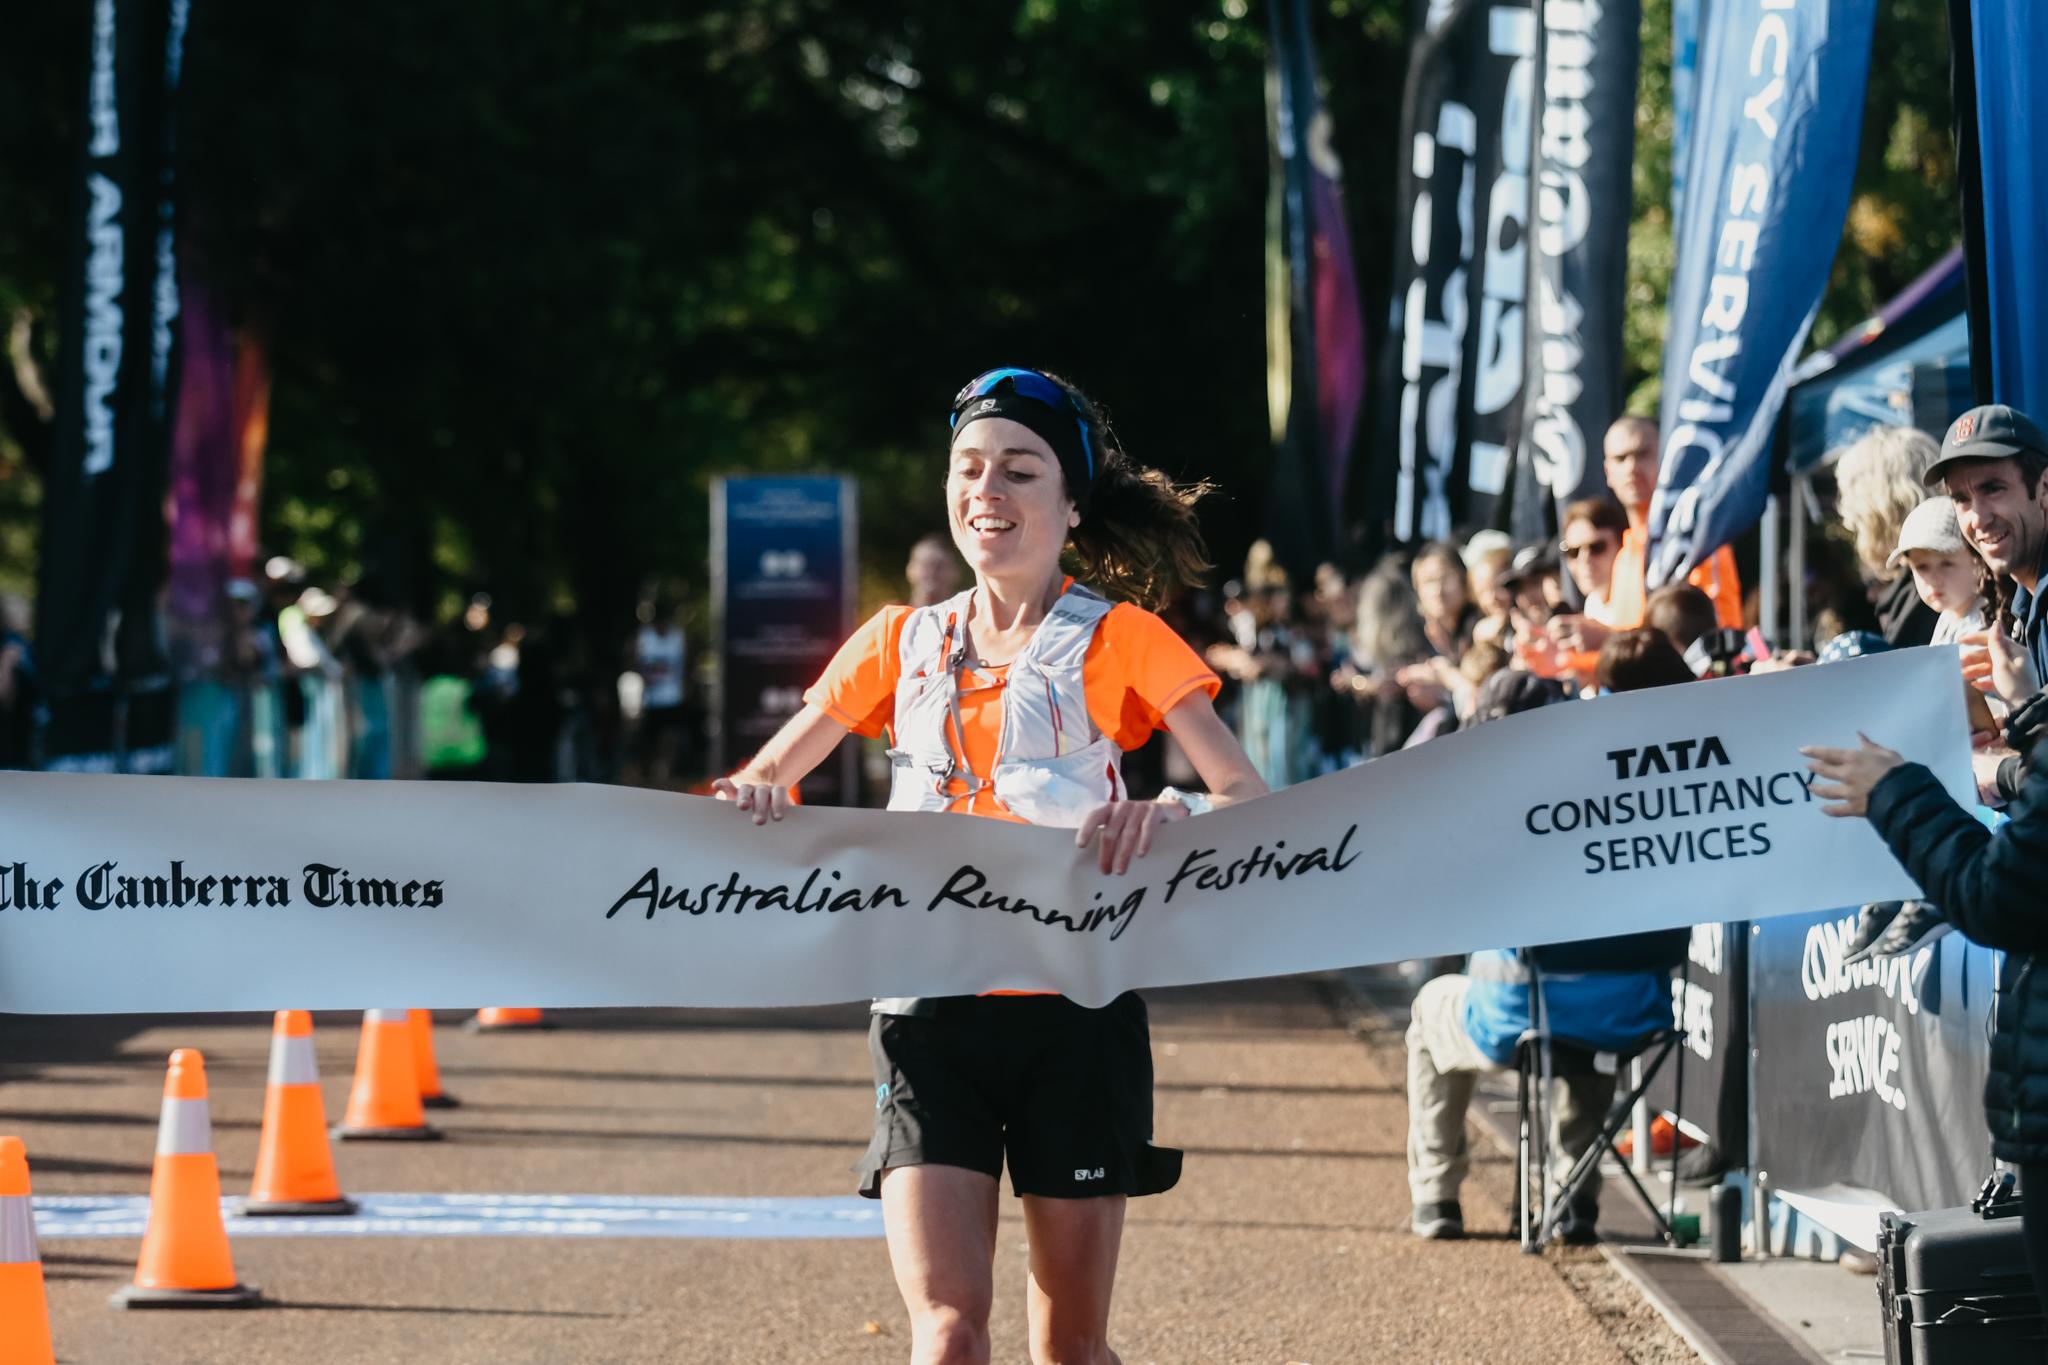 Australian Running Festival Sunday FINALS-7.jpg